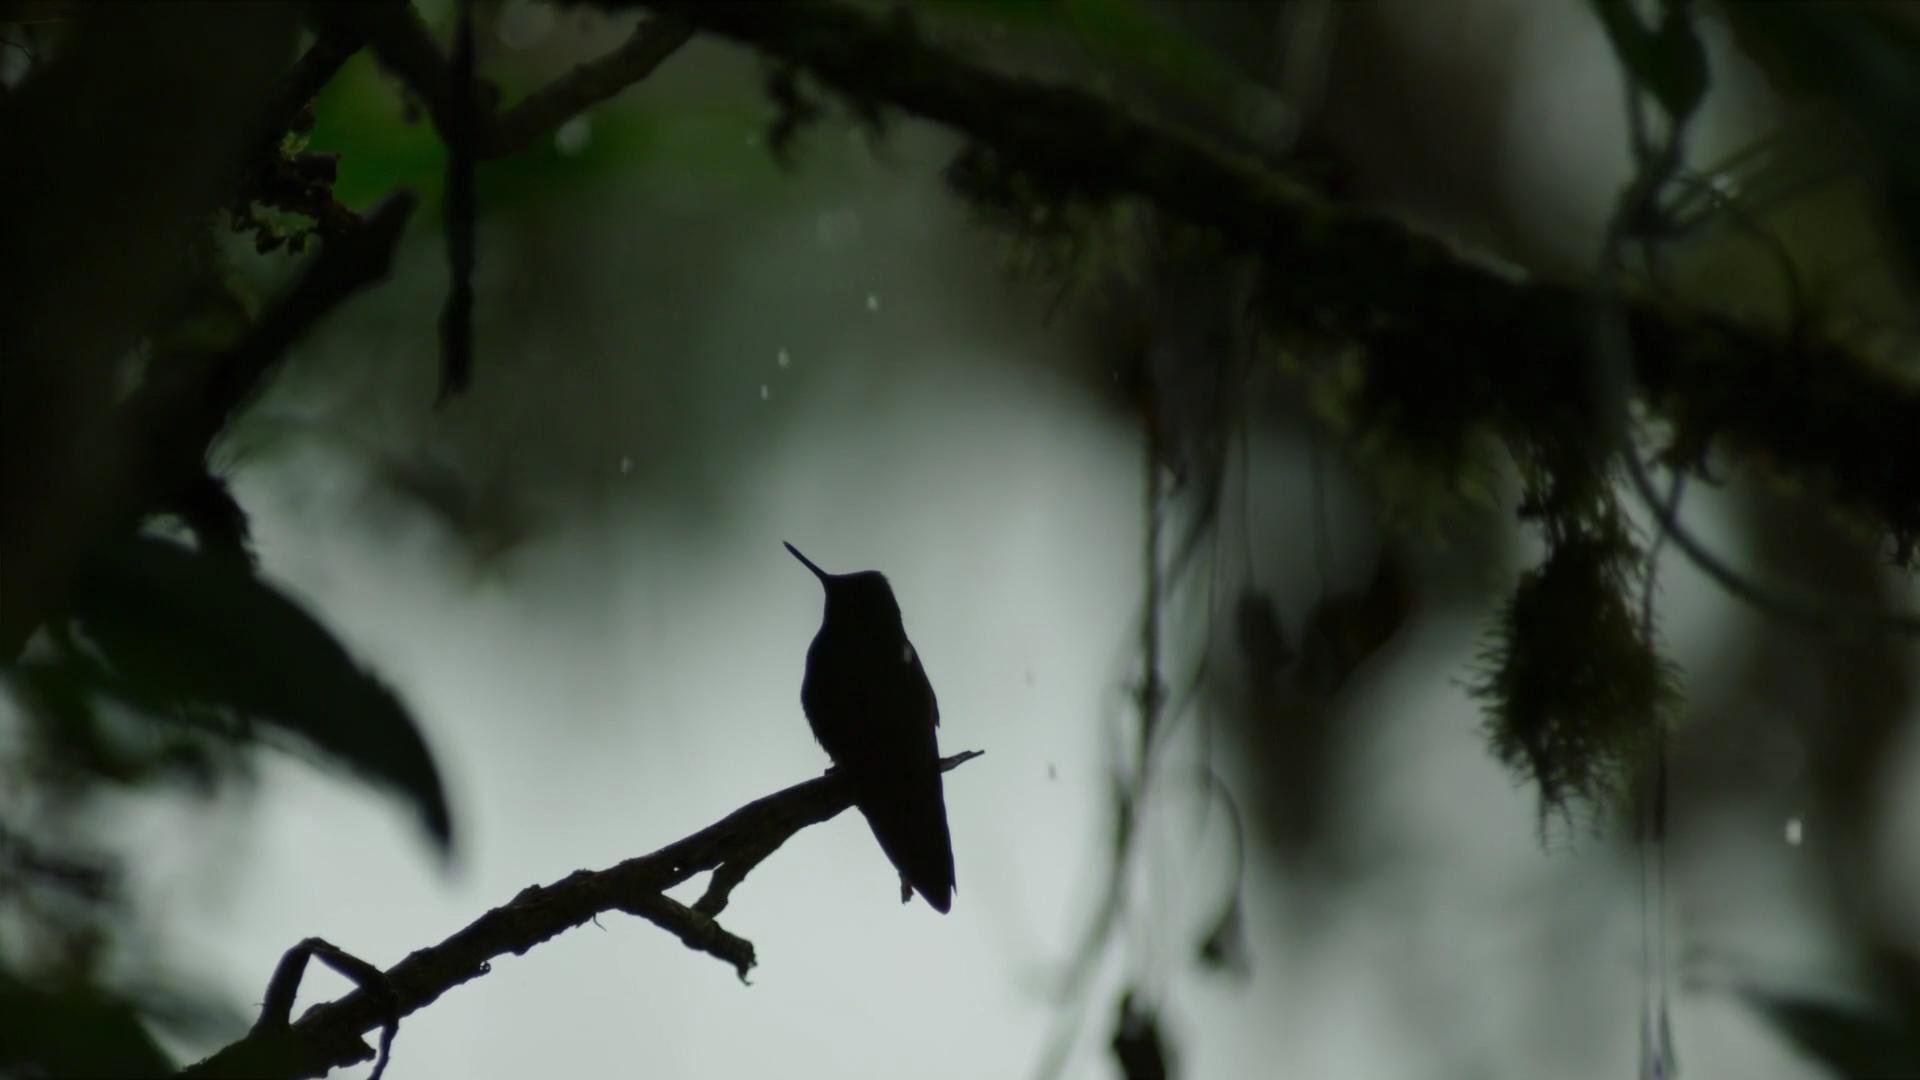 Lonely bird photo